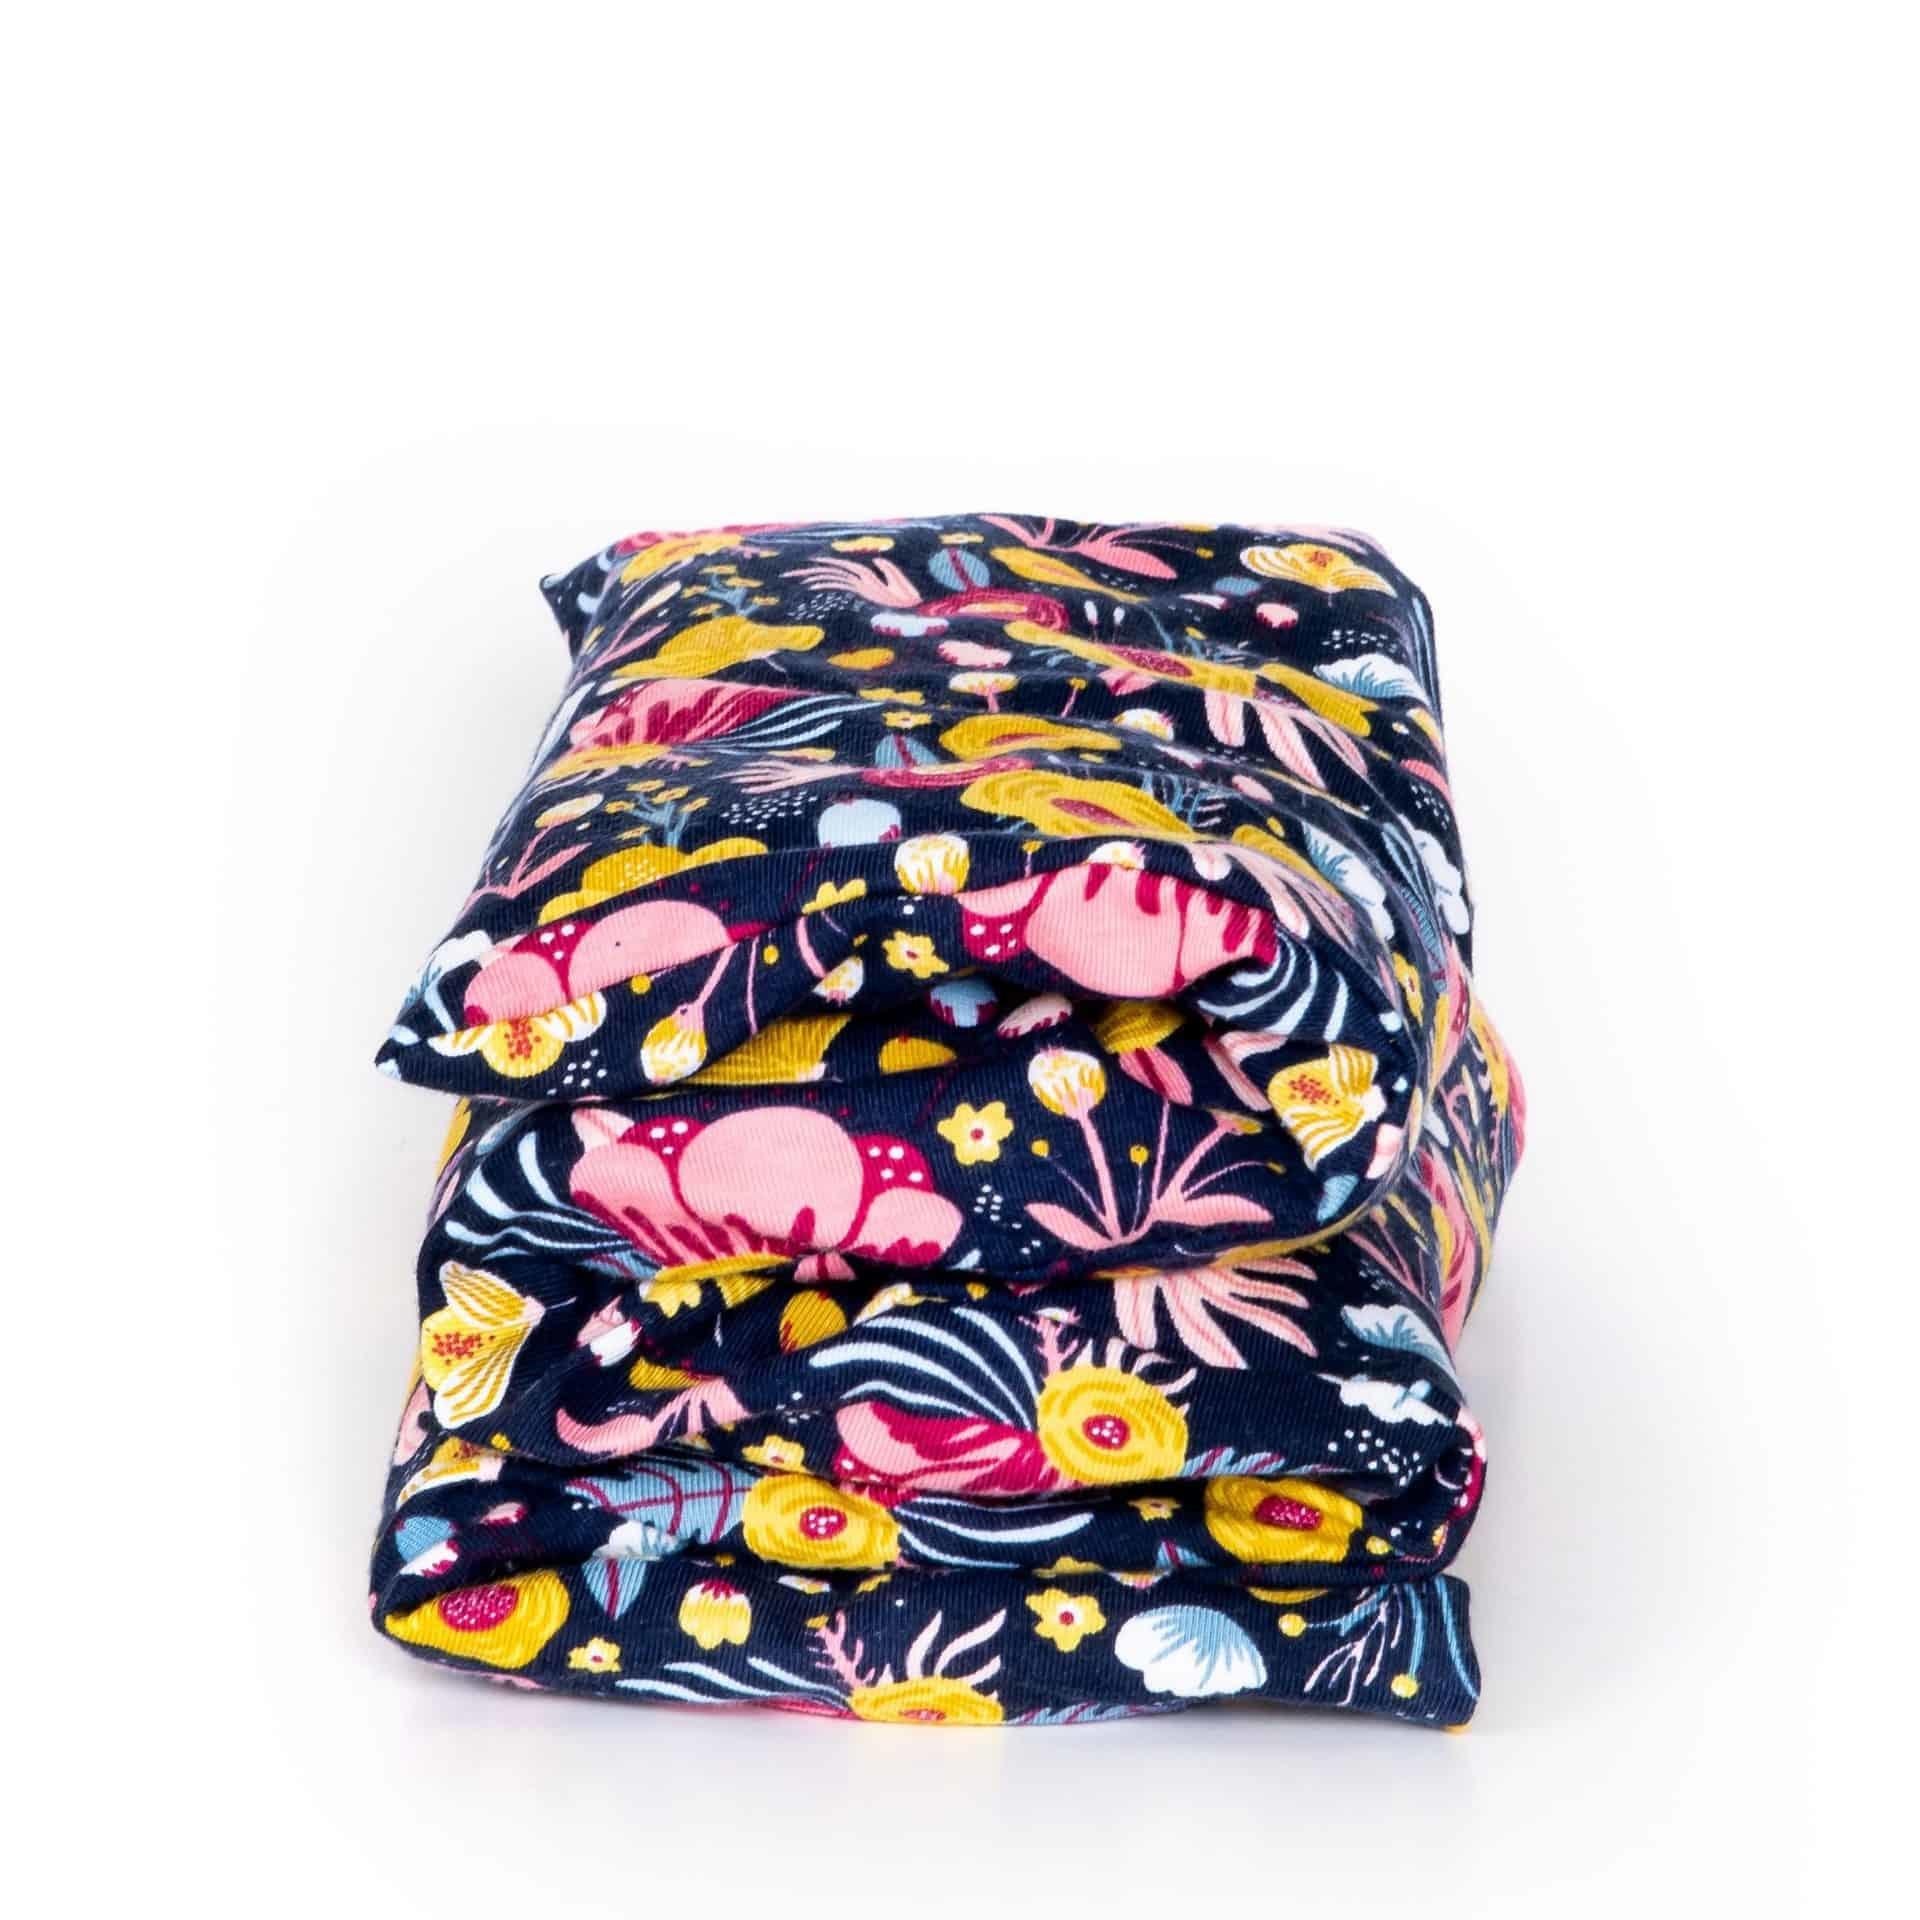 Janneke's warmtesjaal Janneke's Warmtesjaal 70 x 20 cm - lijnzaad  bloem donkerblauw